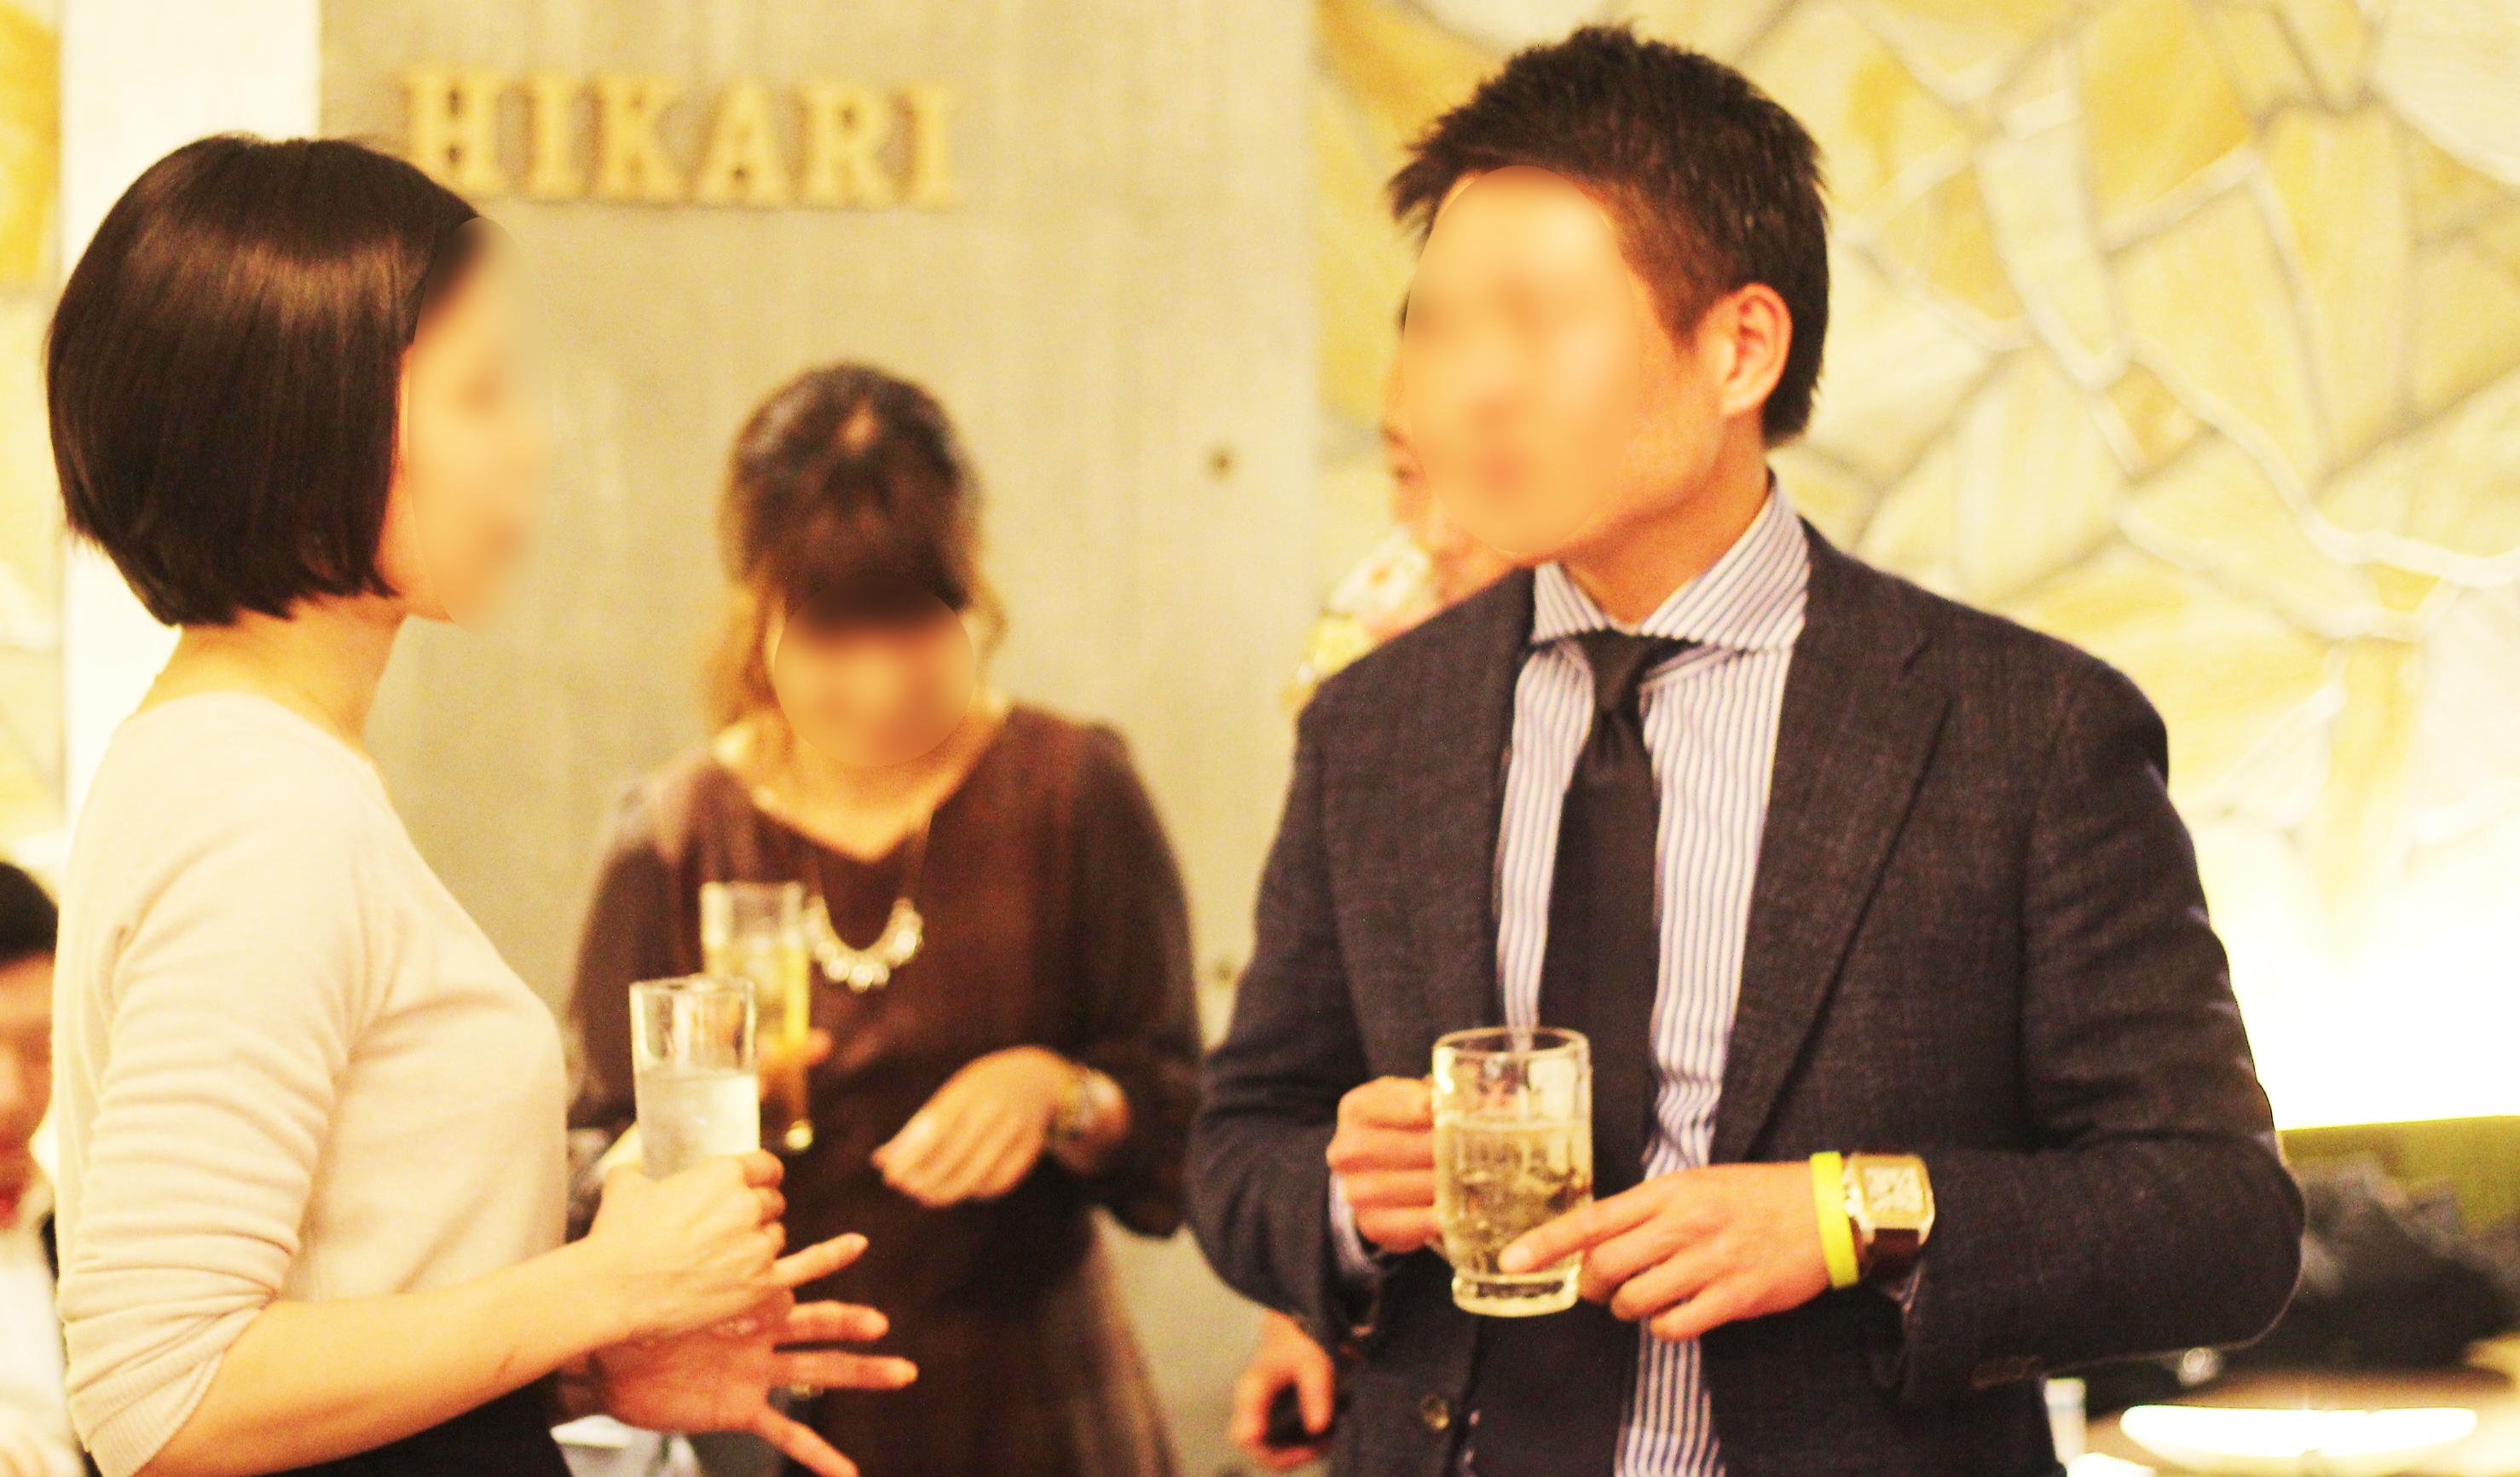 【京都】 烏丸御池にて恋活・婚活 立食パーティー★メダルのような『HIKARI』を求めて…♡♡ サブ画像3